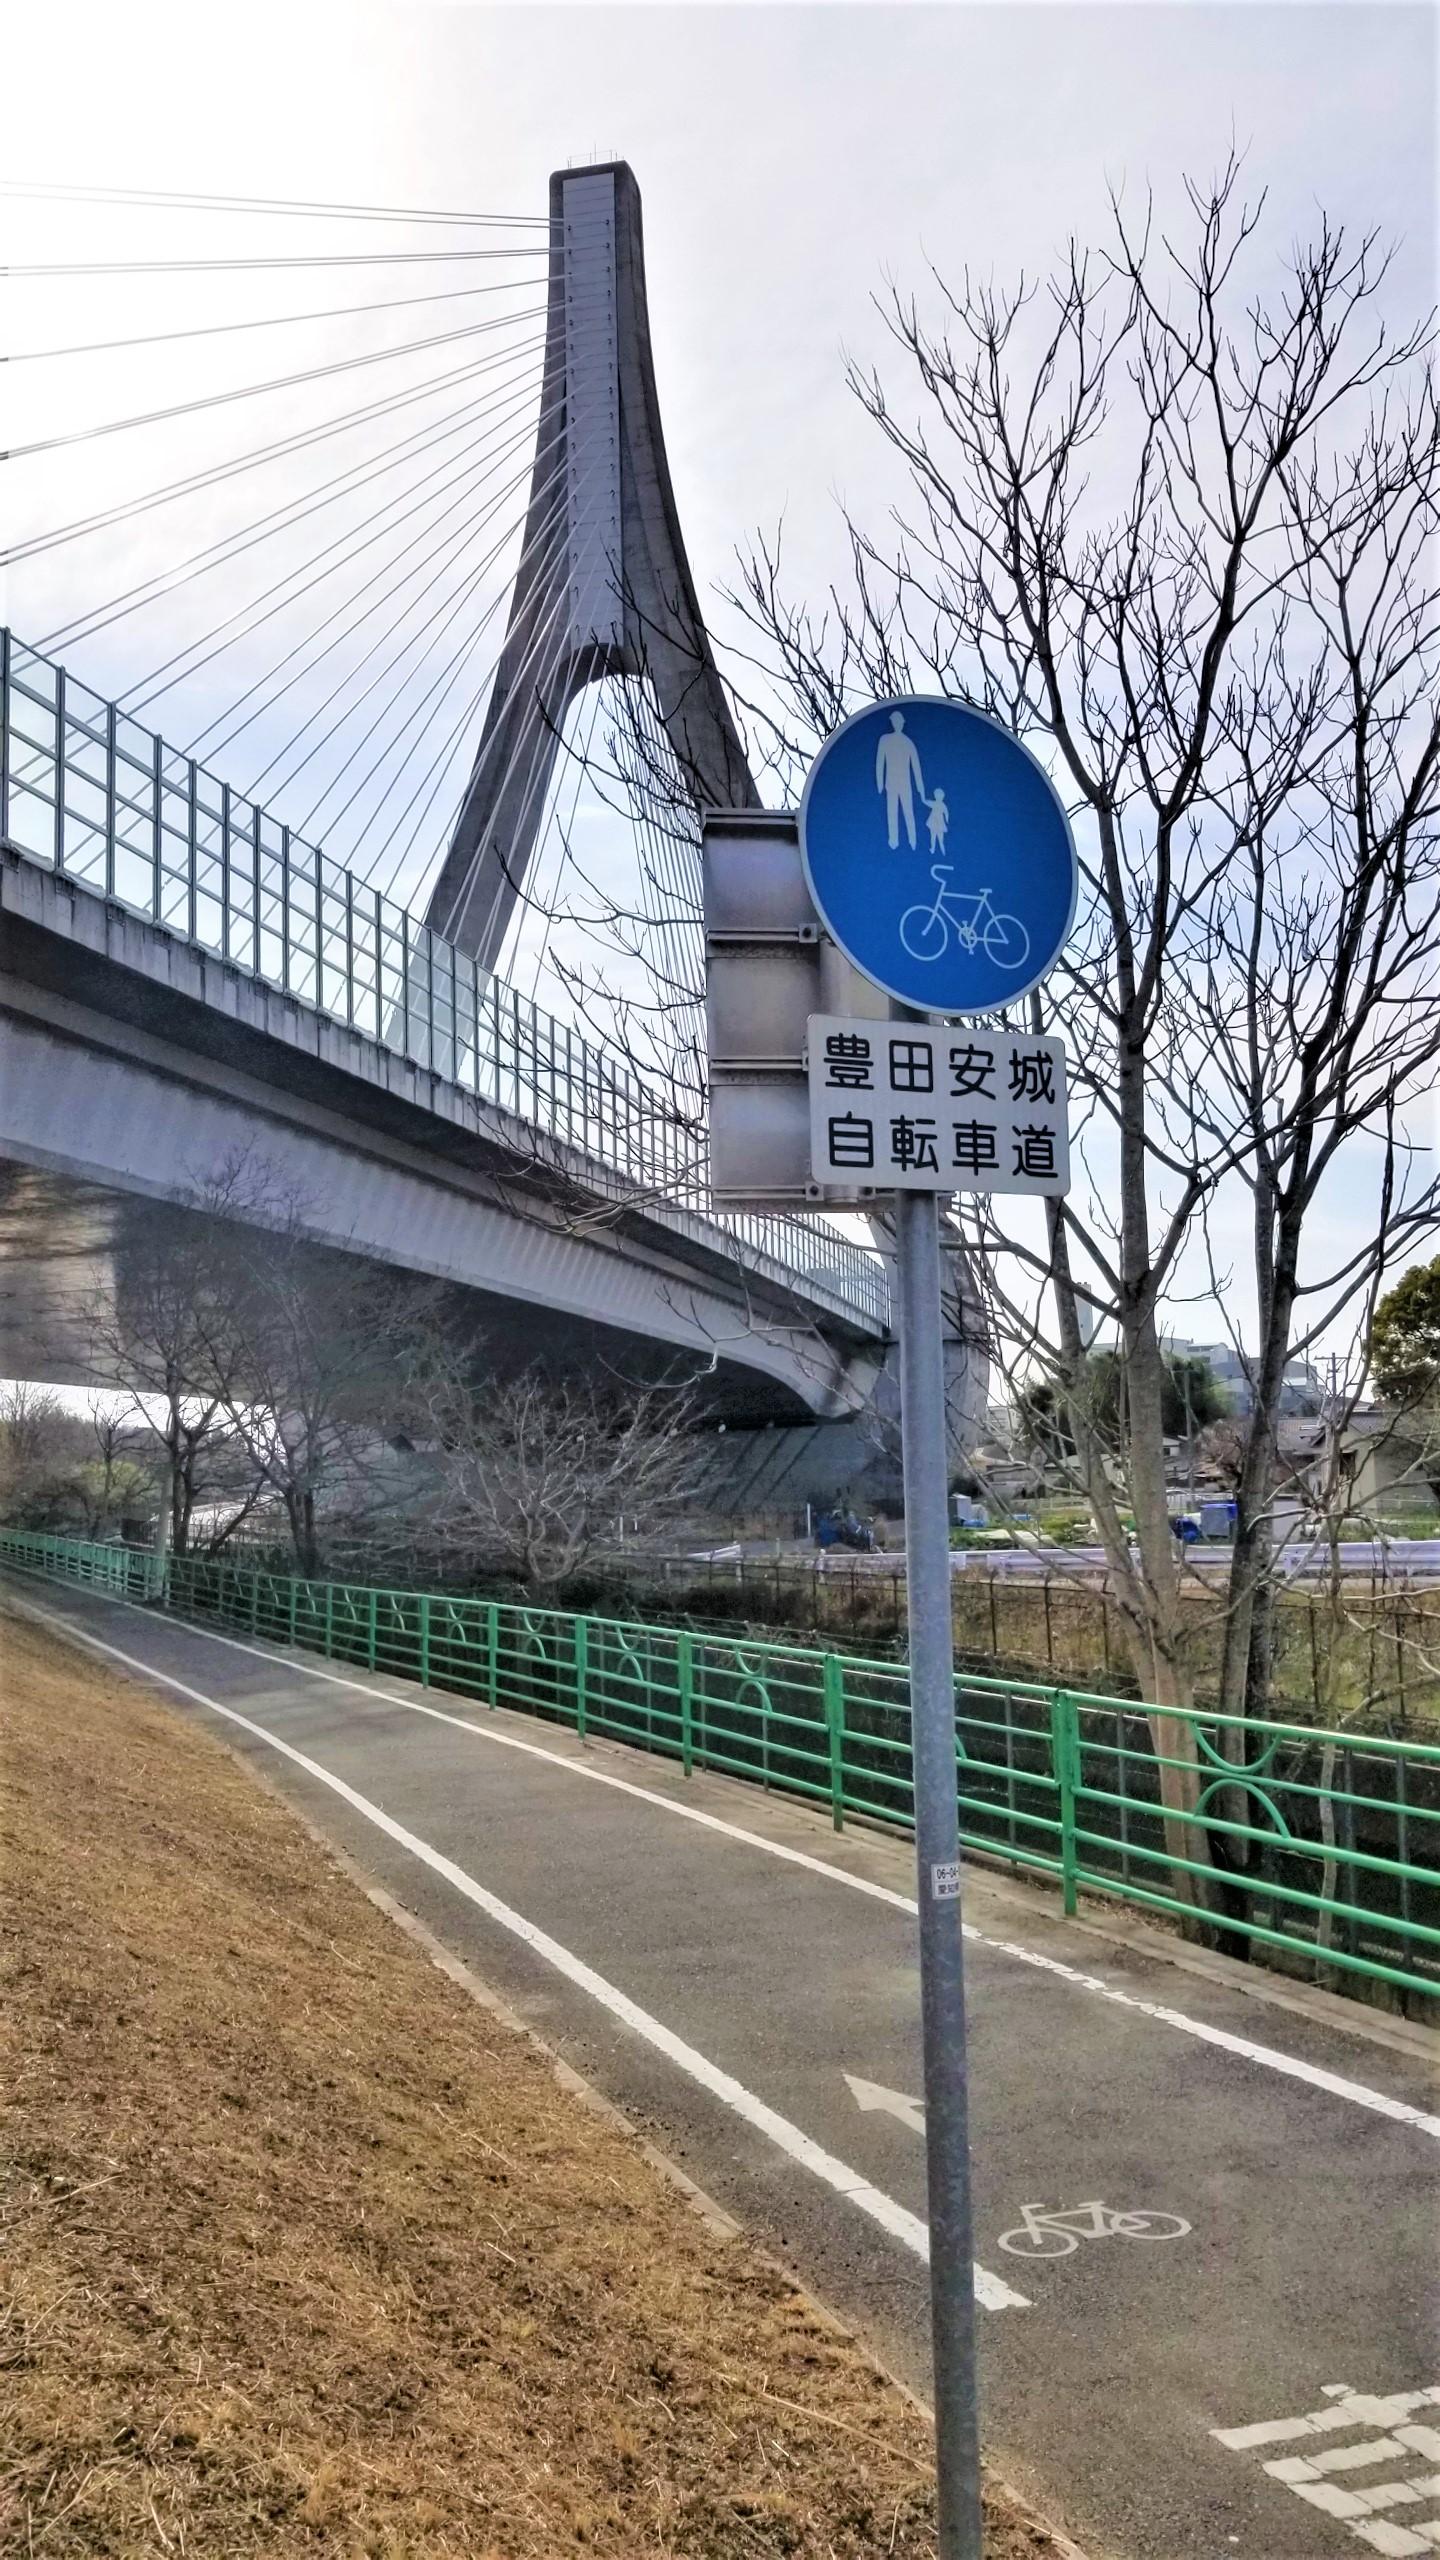 豊田安城サイクリングロード を走ってみた 【2019年冬】